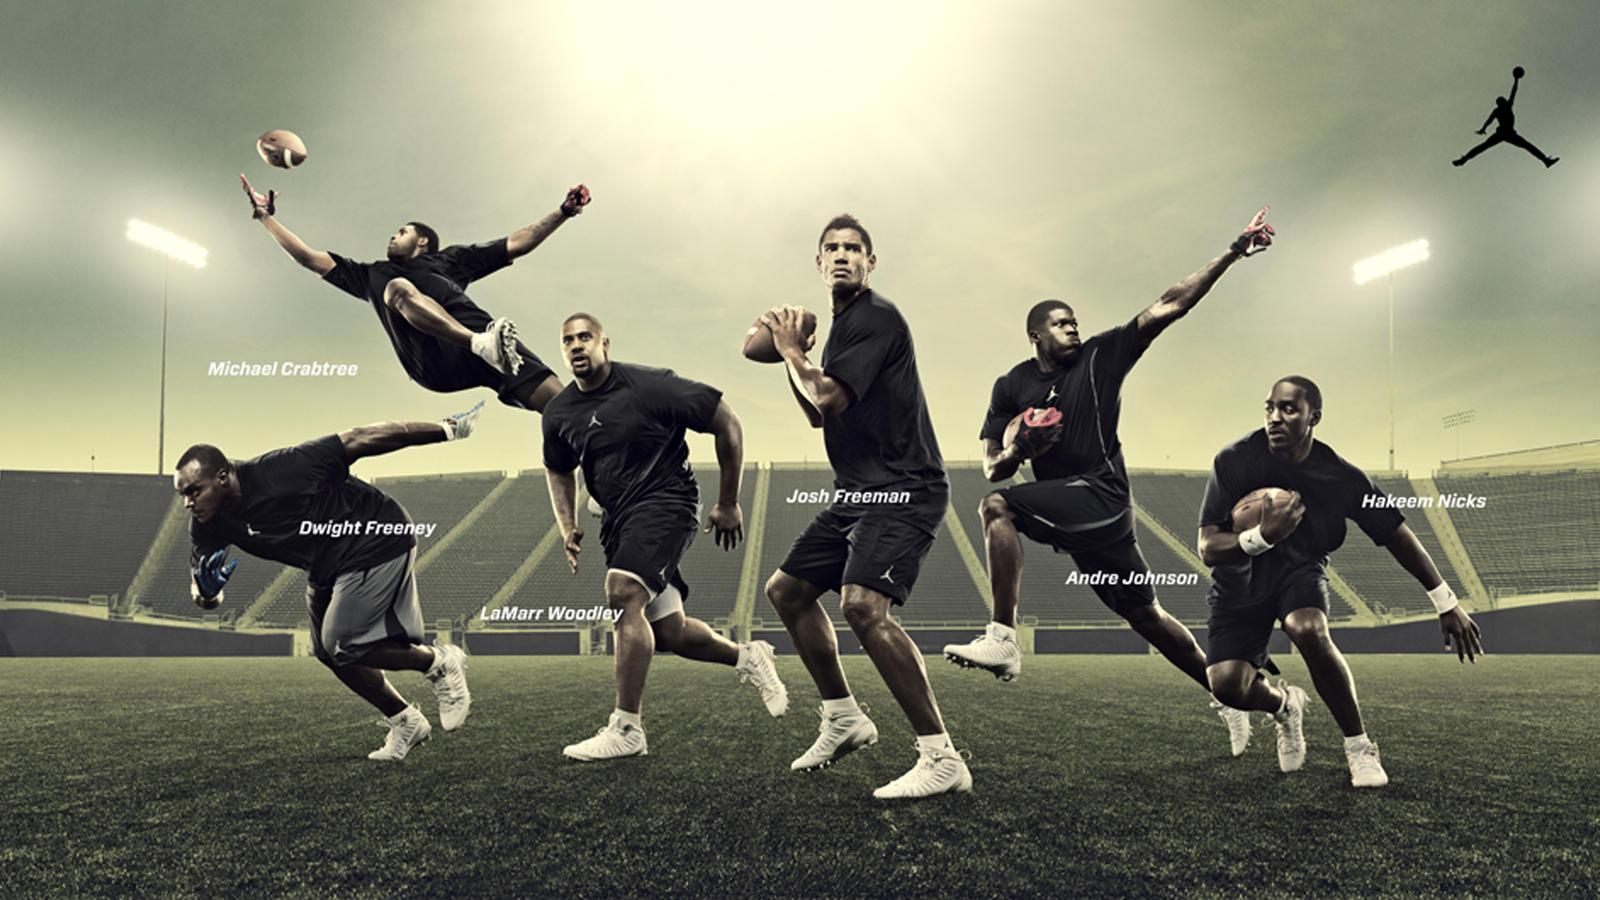 air jordan football